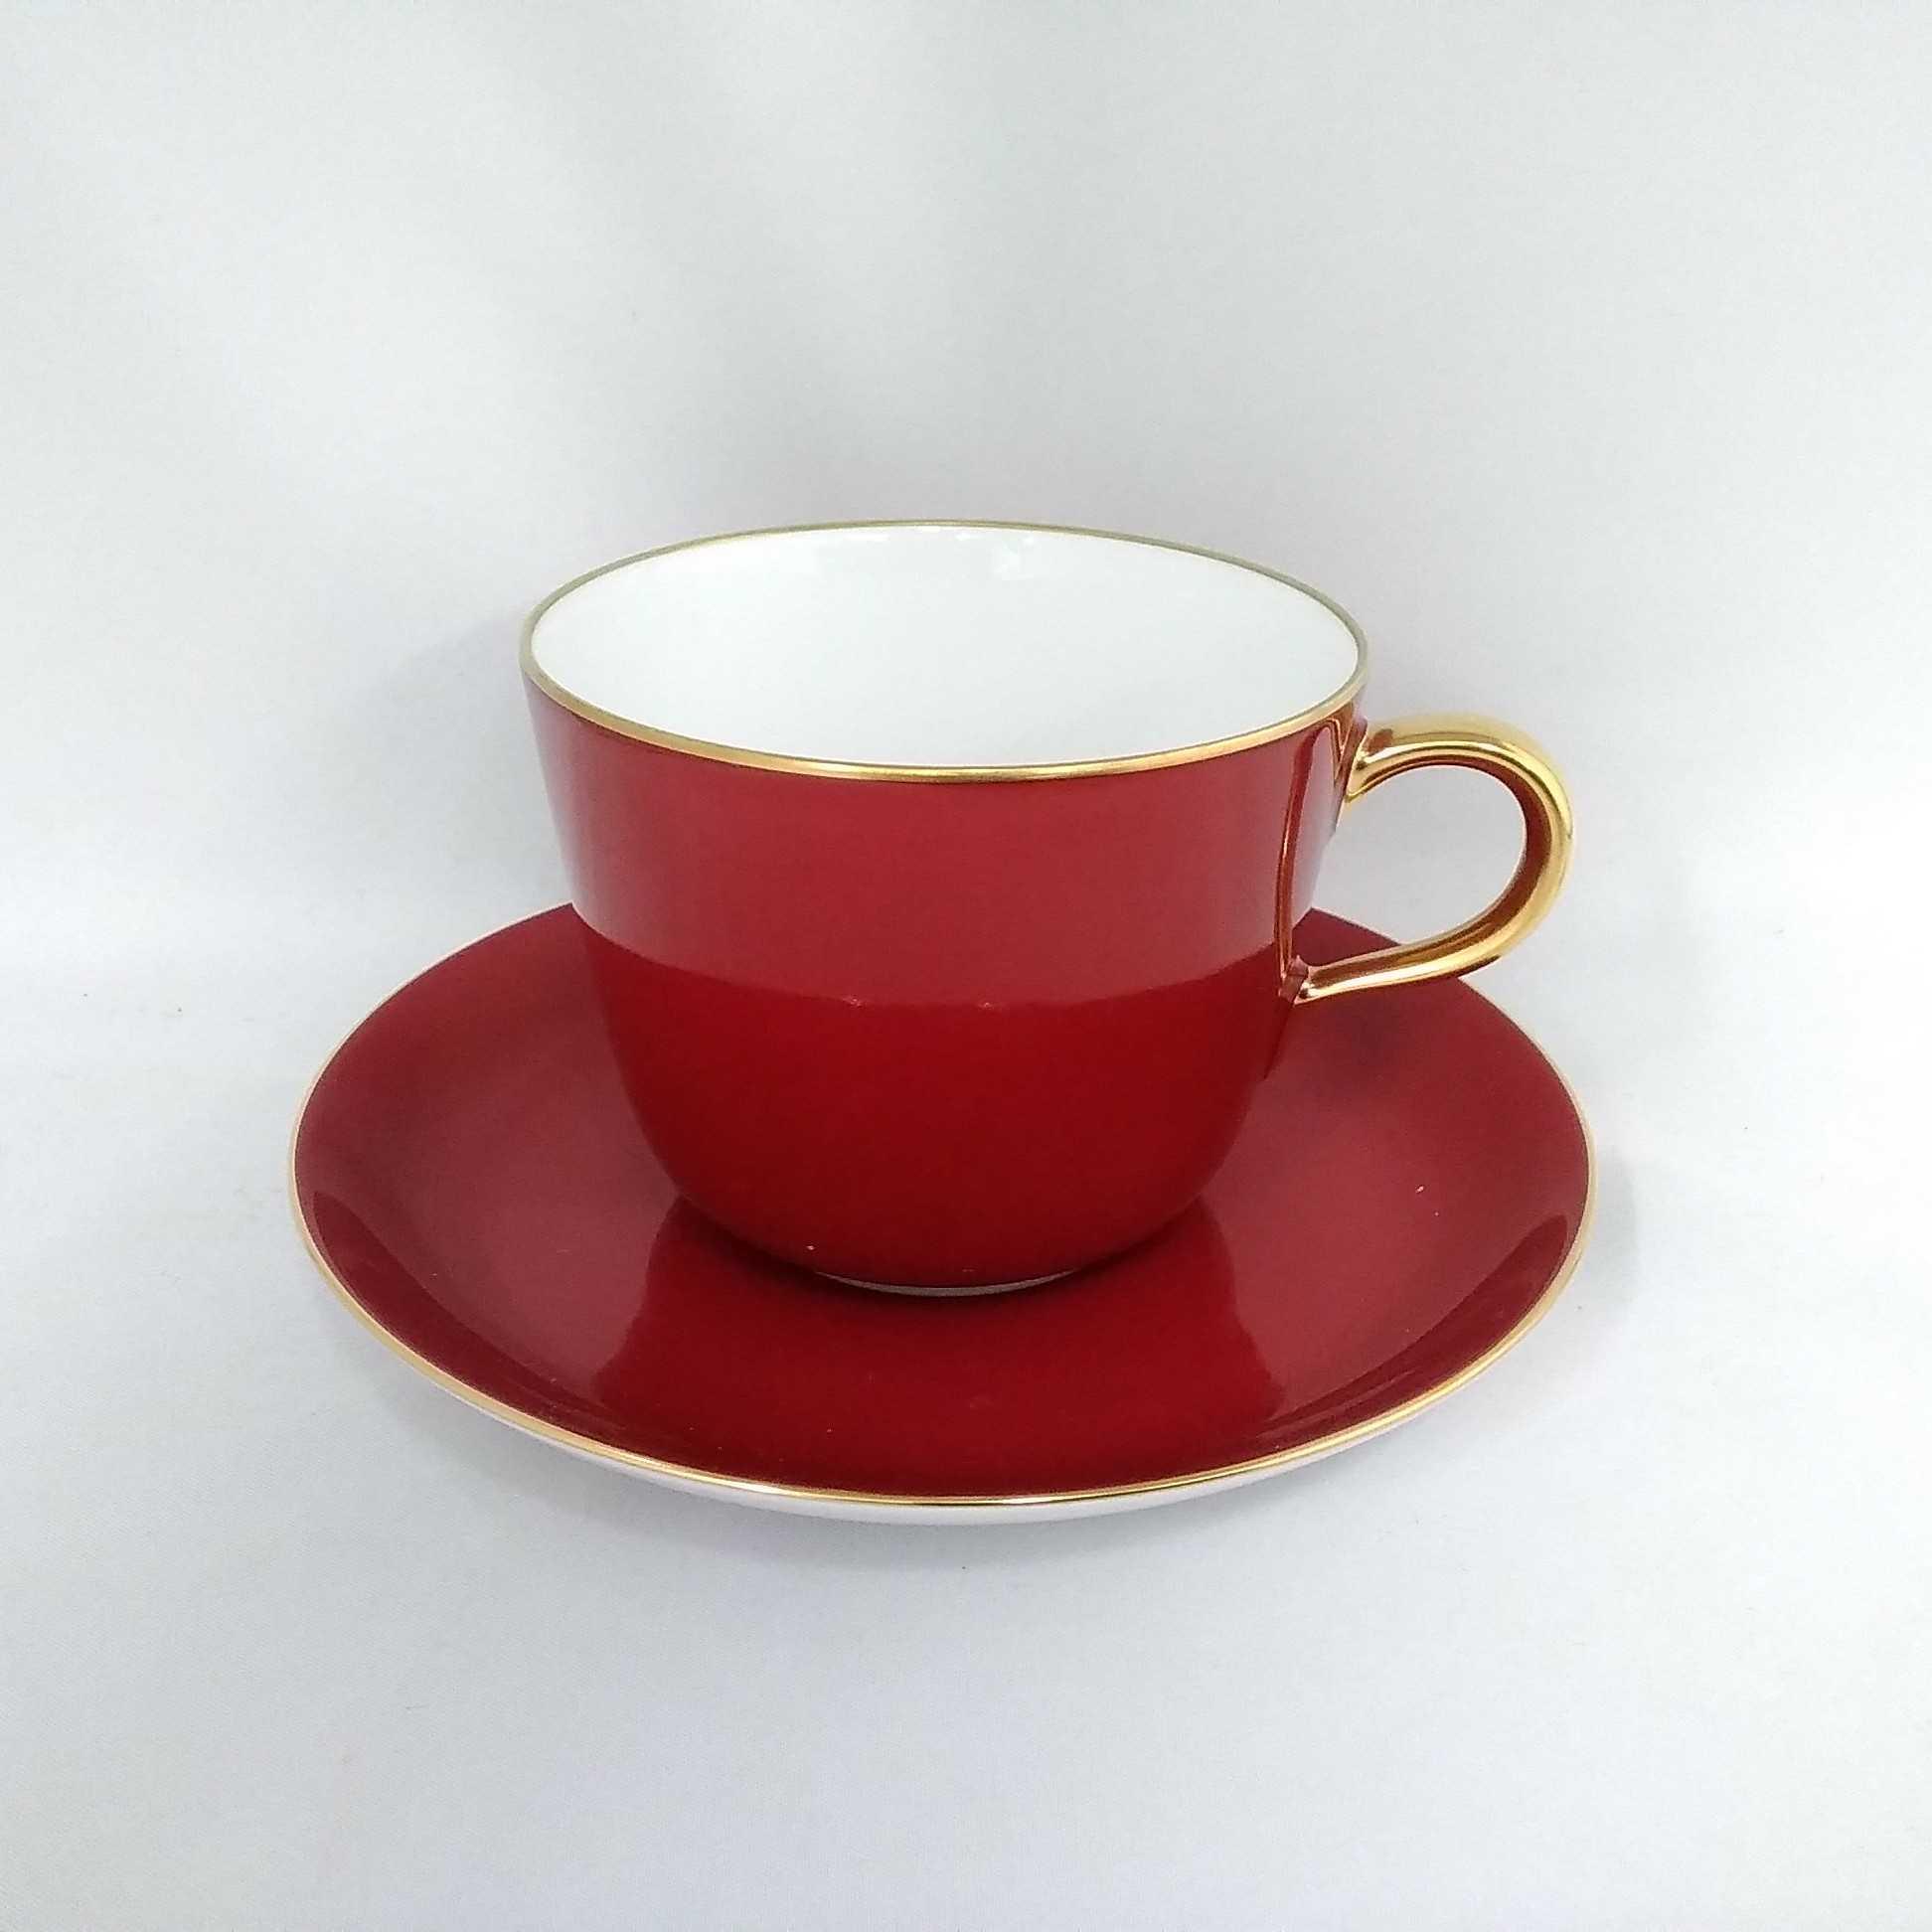 モーニングカップ&ソーサー|大倉陶園